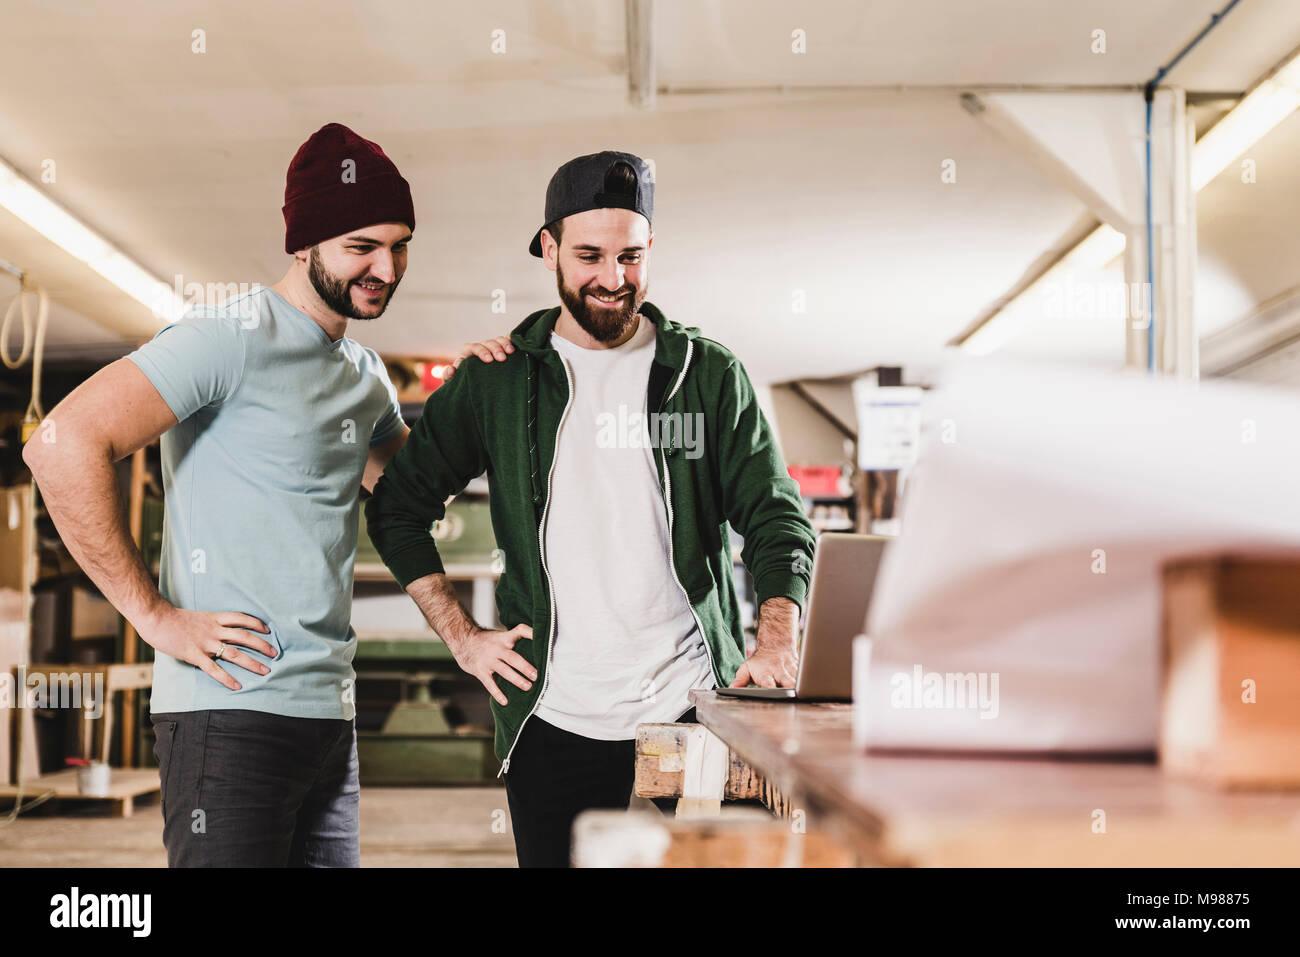 Dos hombres jóvenes sonriendo mirando portátil en el taller Foto de stock